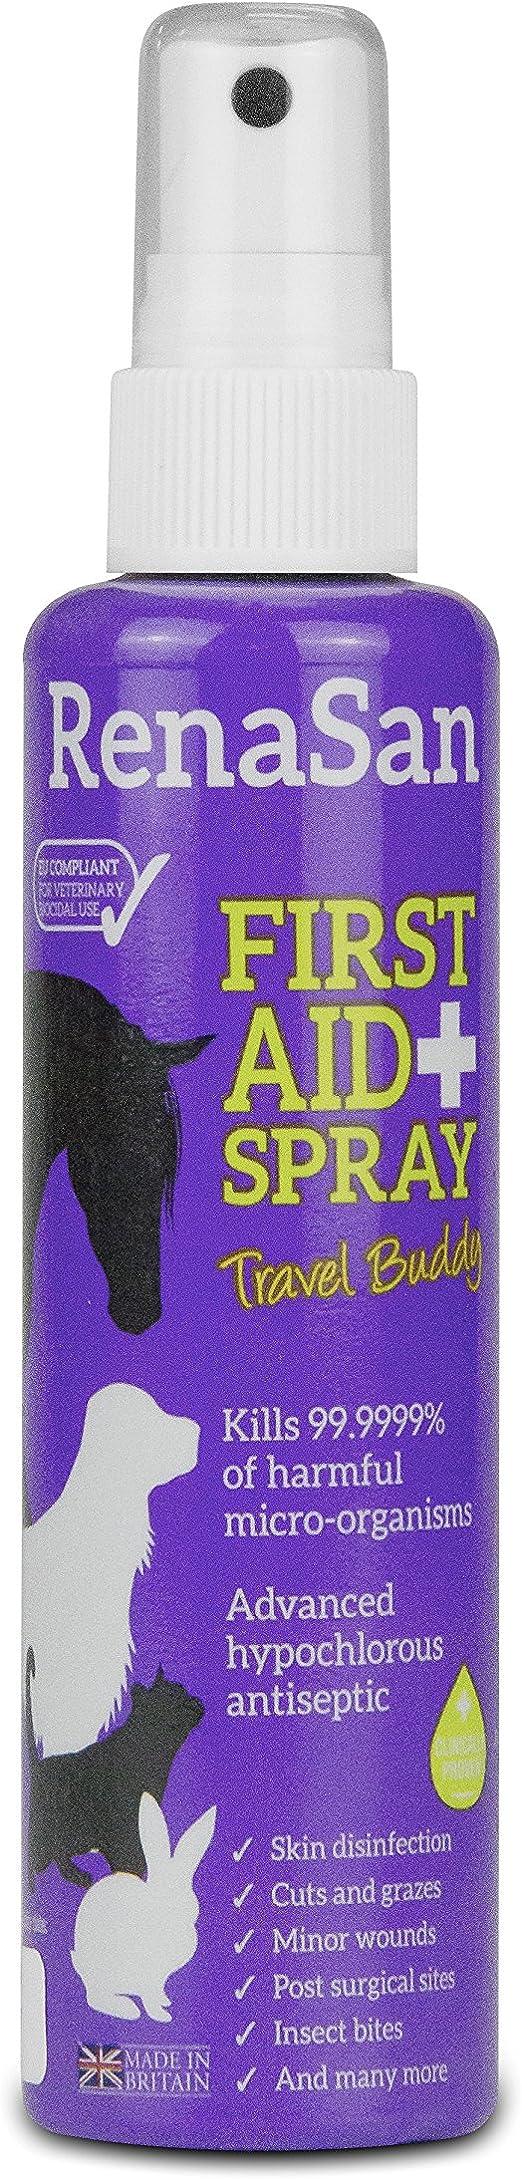 RenaSan Spray de Primeros Auxilios 250ml - para Todos los Animales, Perros, Gatos, Mascotas pequeñas, Caballos, Reptiles, Aves de Corral y Aves: Amazon.es: Productos para mascotas